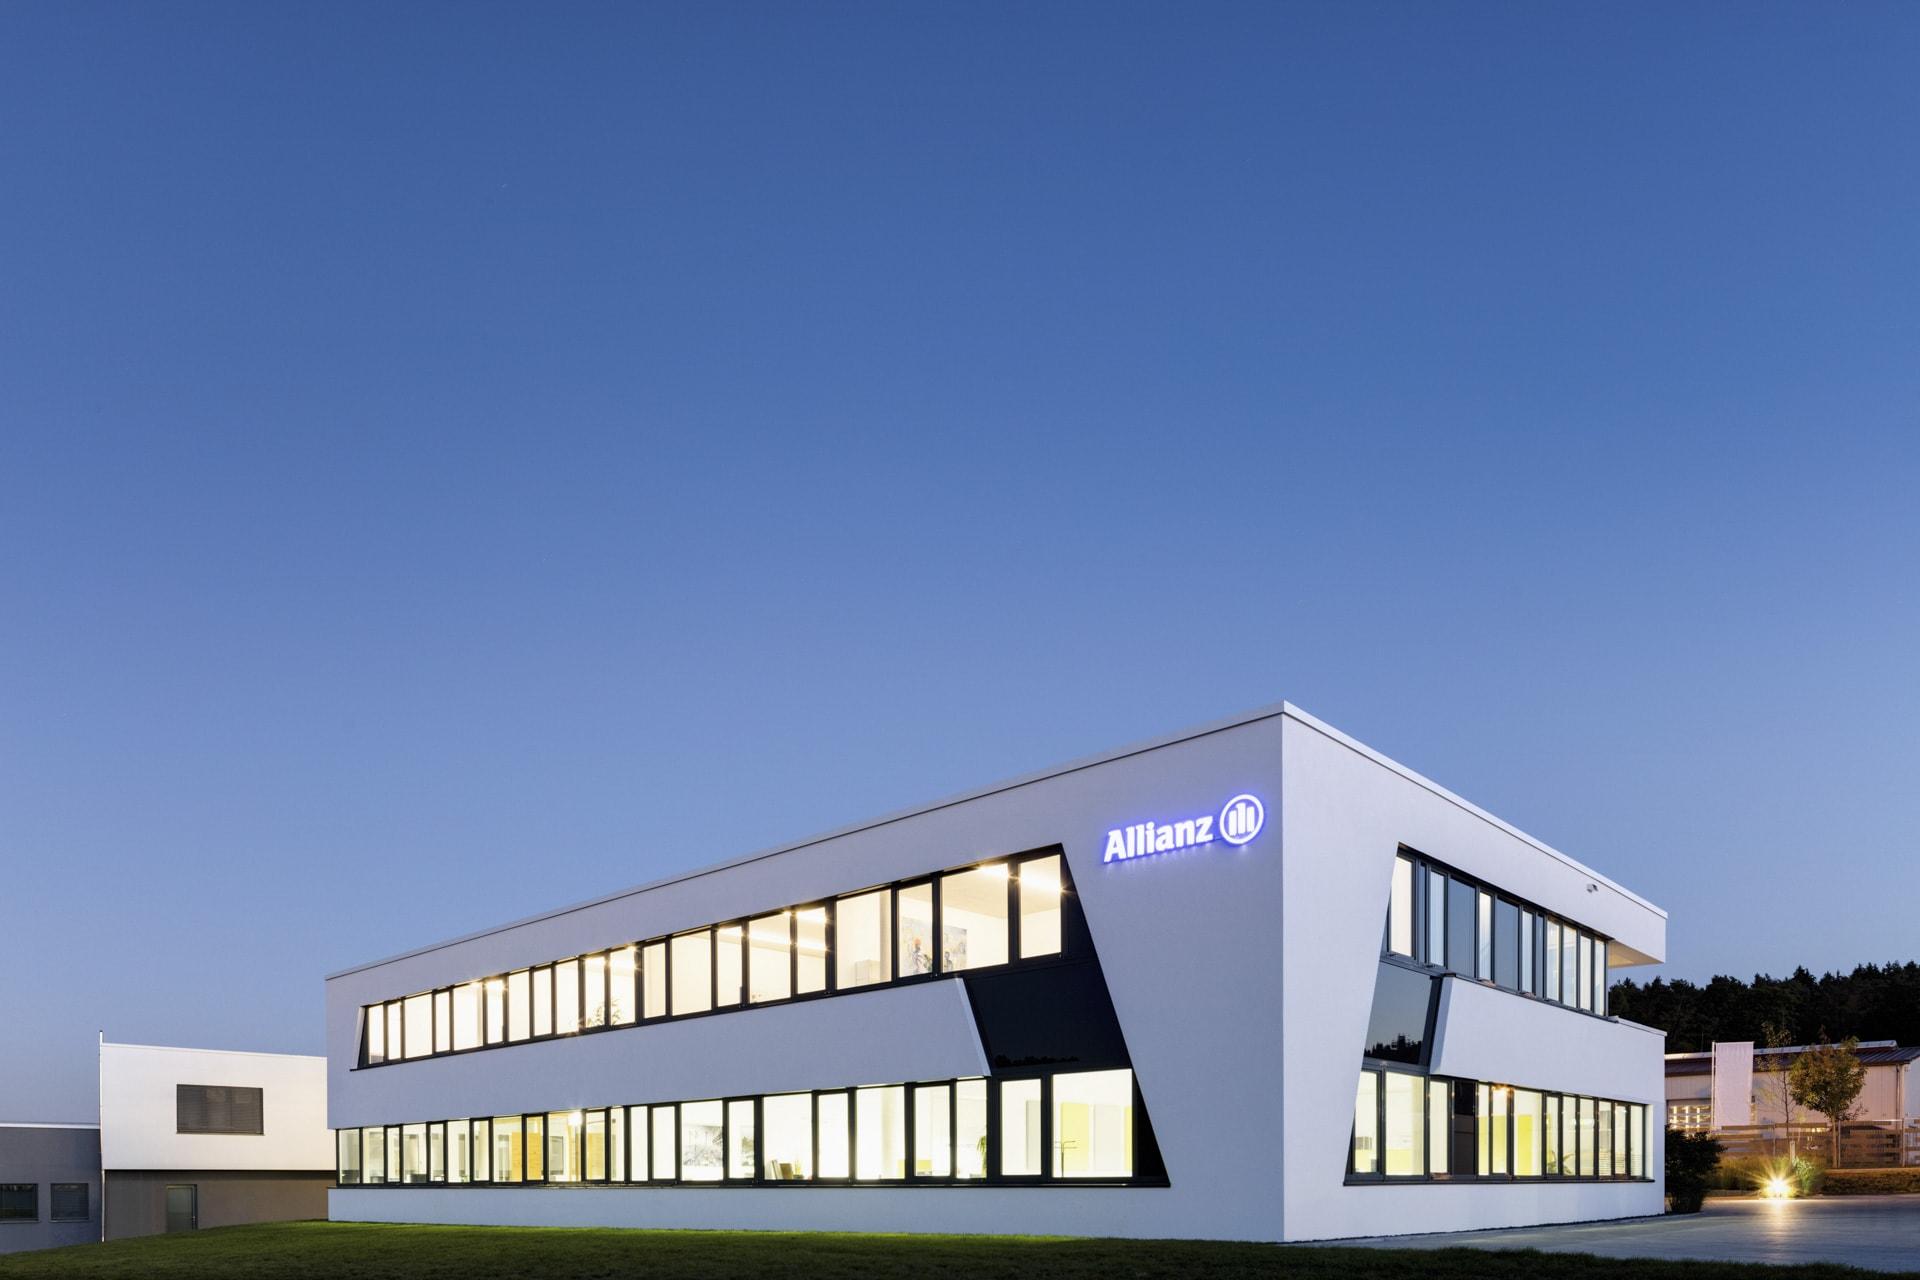 Architekturfotografie Büro und Gewerbe. Ausgewählte Architektur-Fotografien zum Thema im Raum Stuttgart, Baden Württemberg, Deutschland